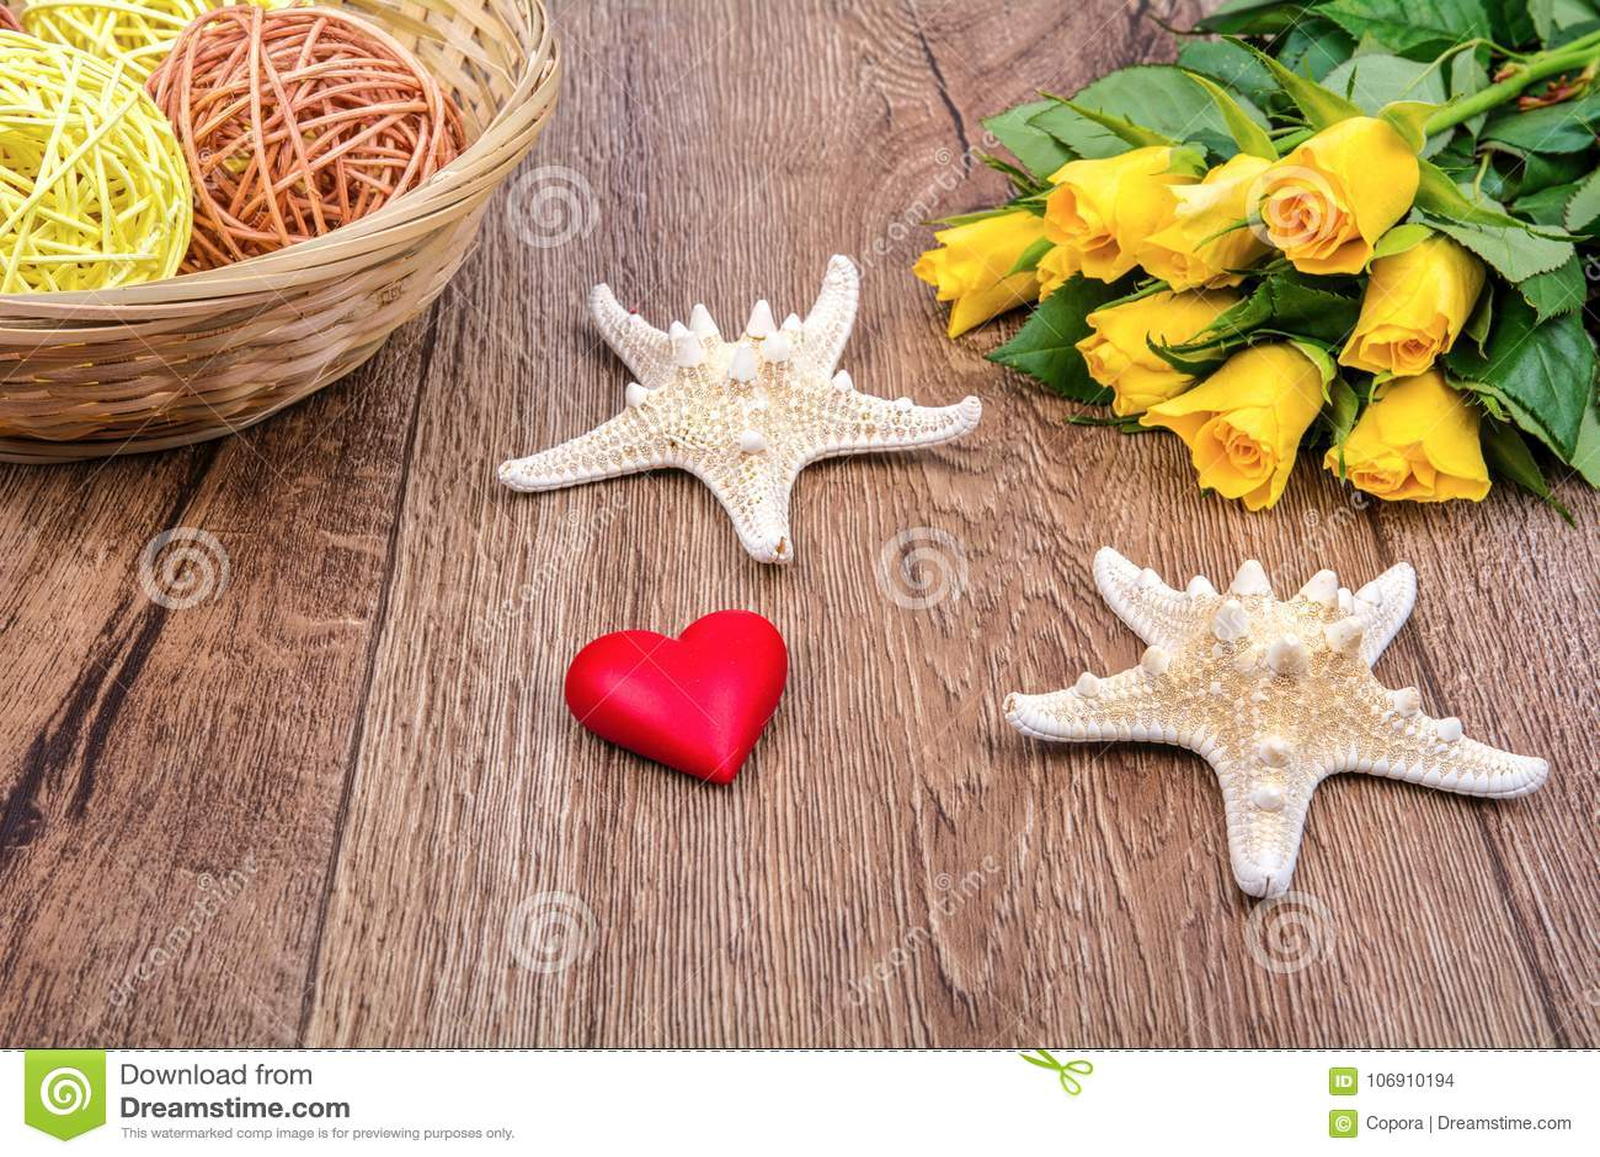 Rozgwiazdy, serce i róże na drewnianym stole,